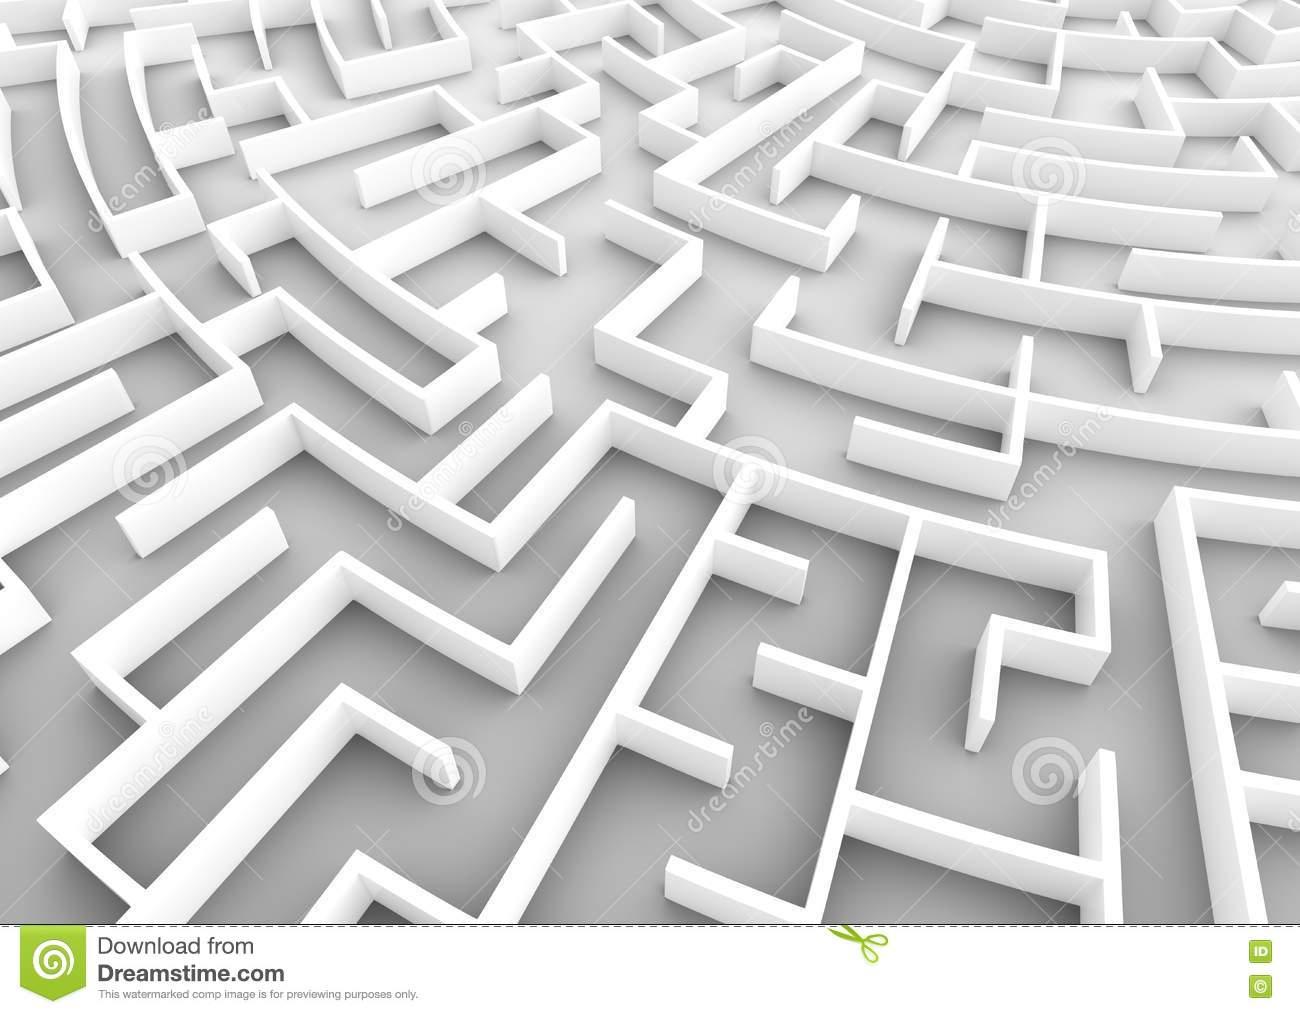 Sehr Großes Labyrinth Geschäftsstrategiekonzepte ganzes Labyrinth Lösen